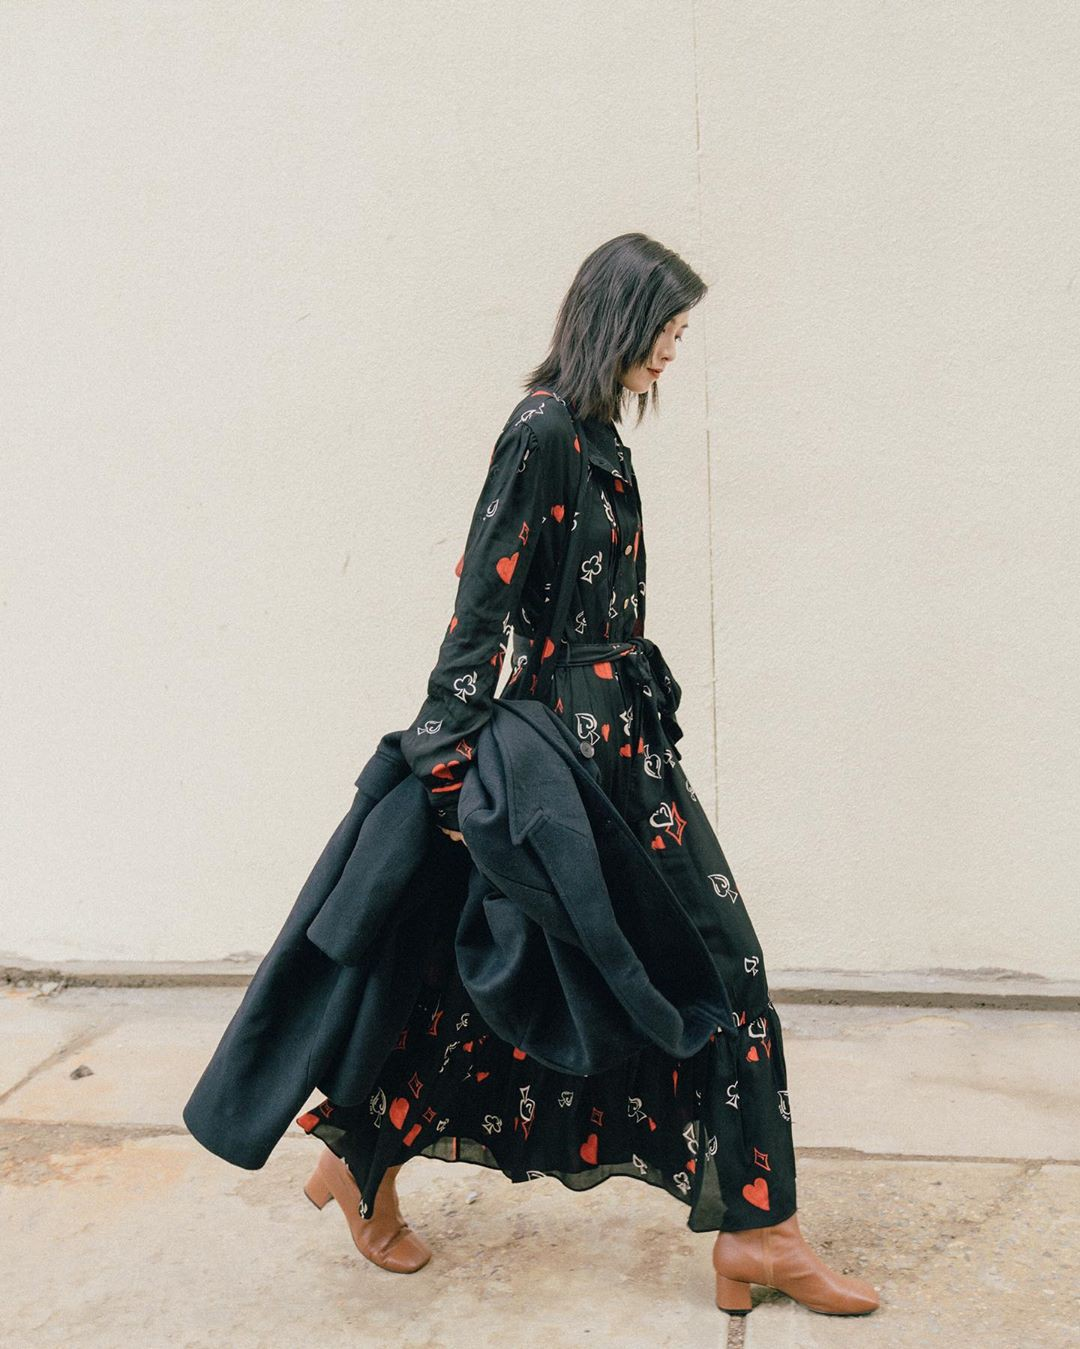 Bỗng thấy không kiểu váy nào vượt qua được váy dáng dài về độ sang chảnh, yêu kiều và hợp rơ với tiết trời se lạnh - Hình 9